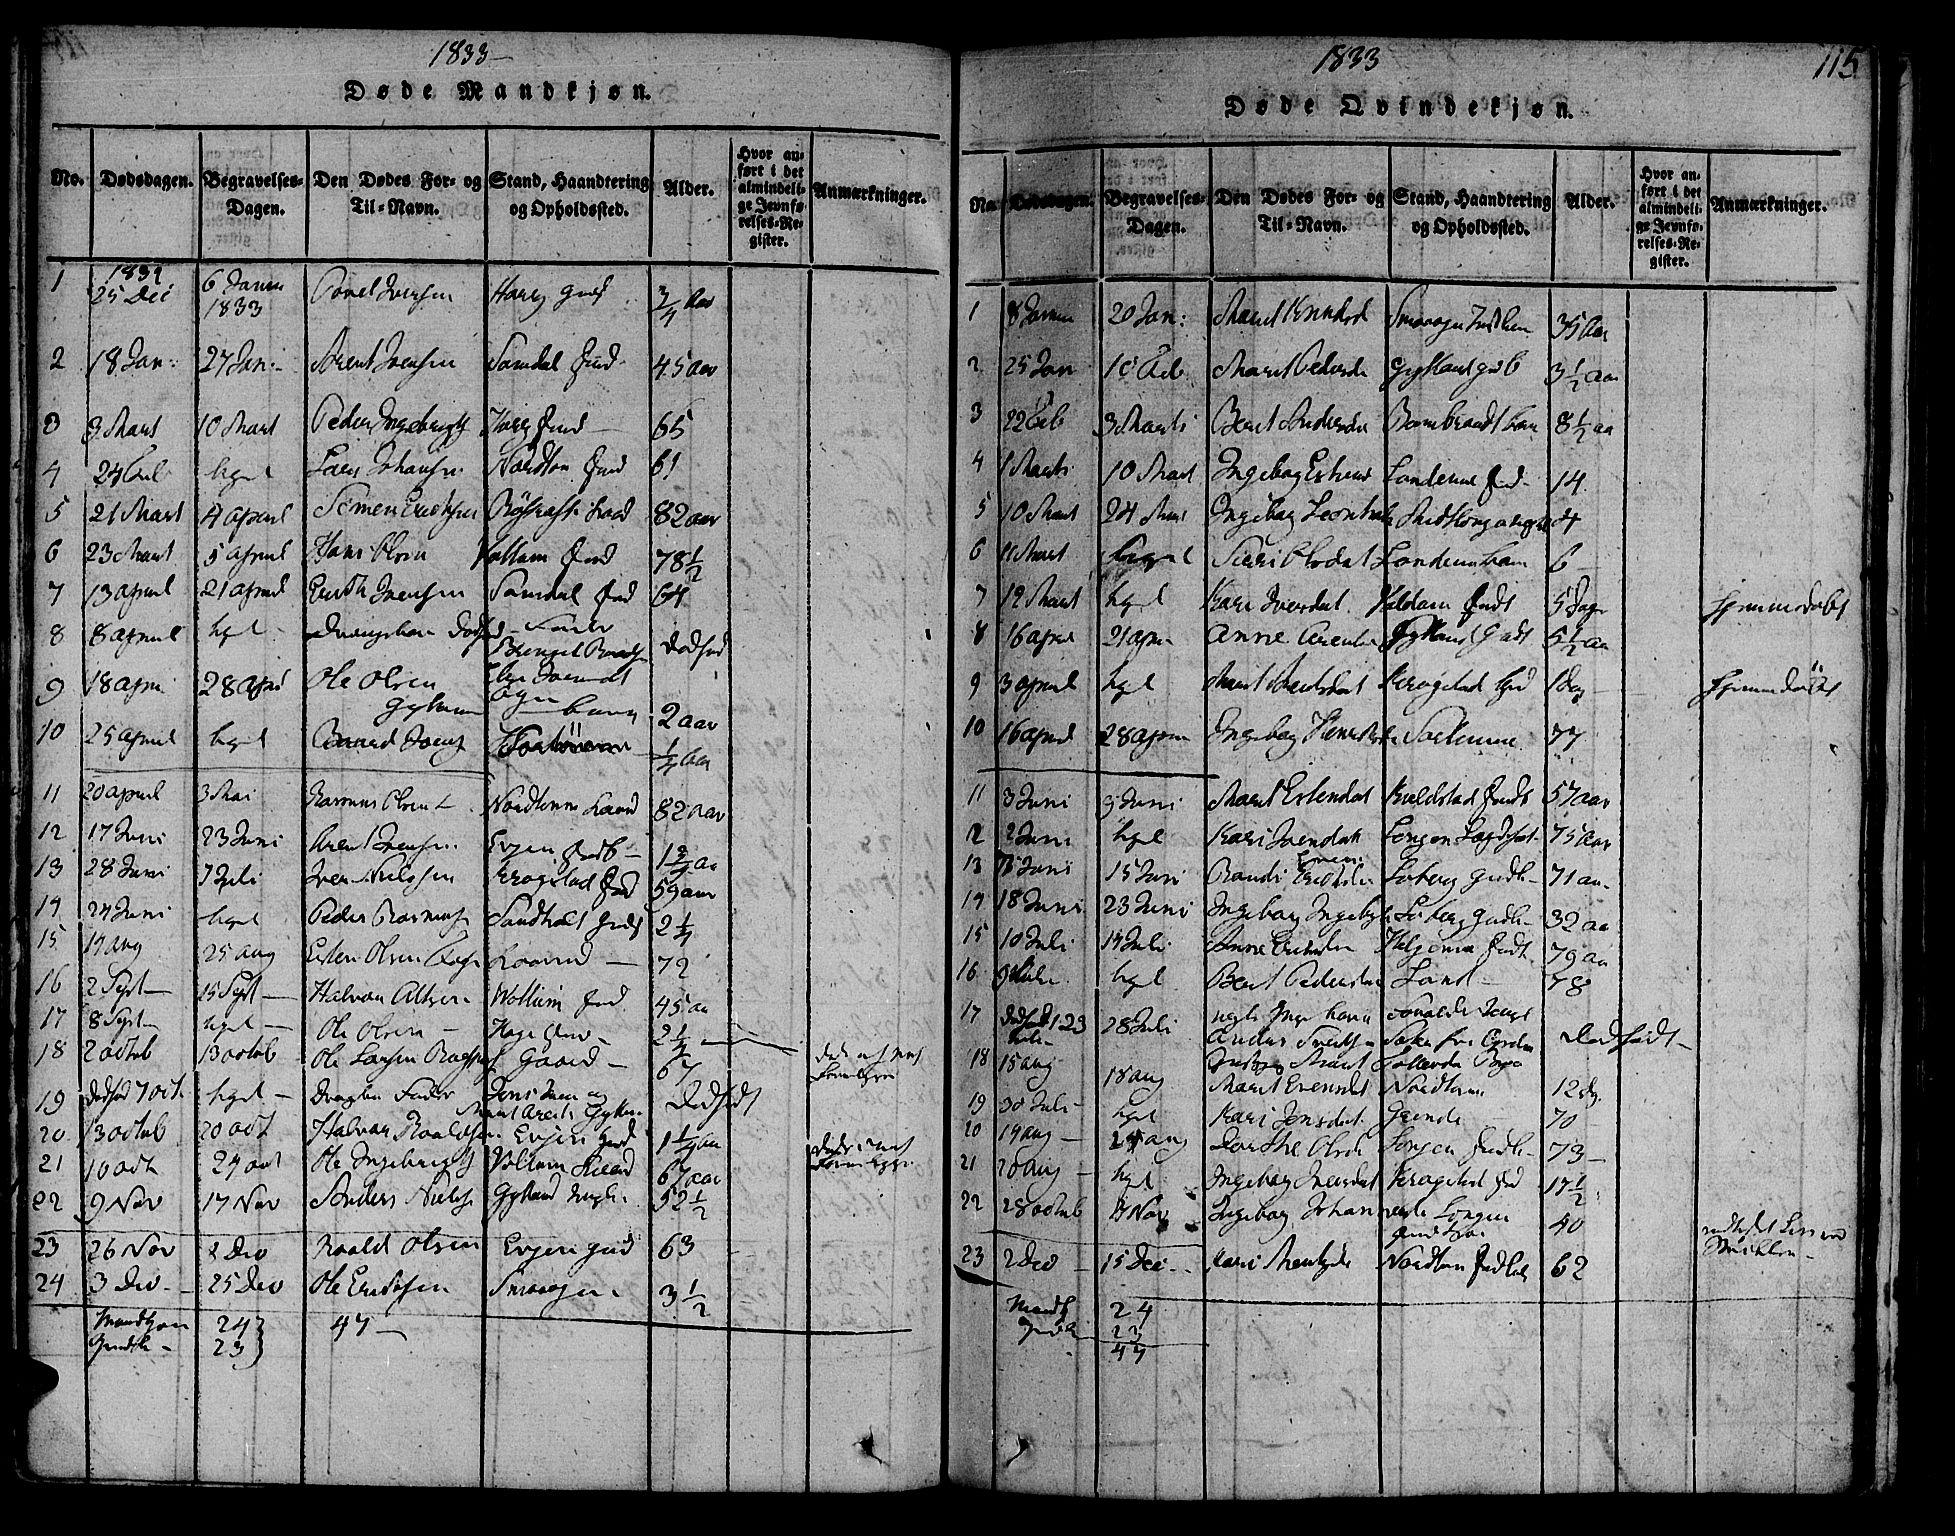 SAT, Ministerialprotokoller, klokkerbøker og fødselsregistre - Sør-Trøndelag, 692/L1102: Ministerialbok nr. 692A02, 1816-1842, s. 115